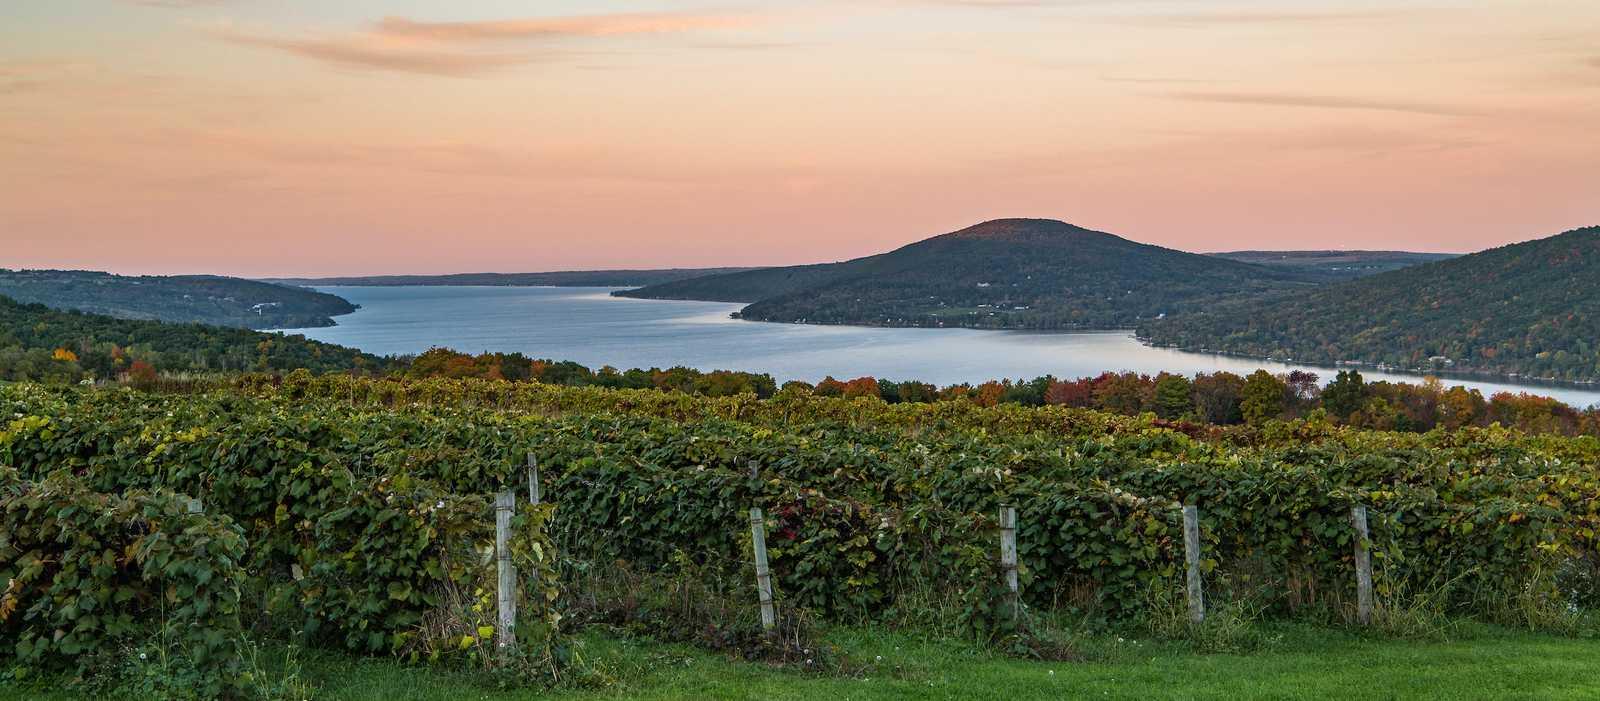 Blick auf den Canandaigua Lake und Weinberge in Naples im US-Bundesstaat New York